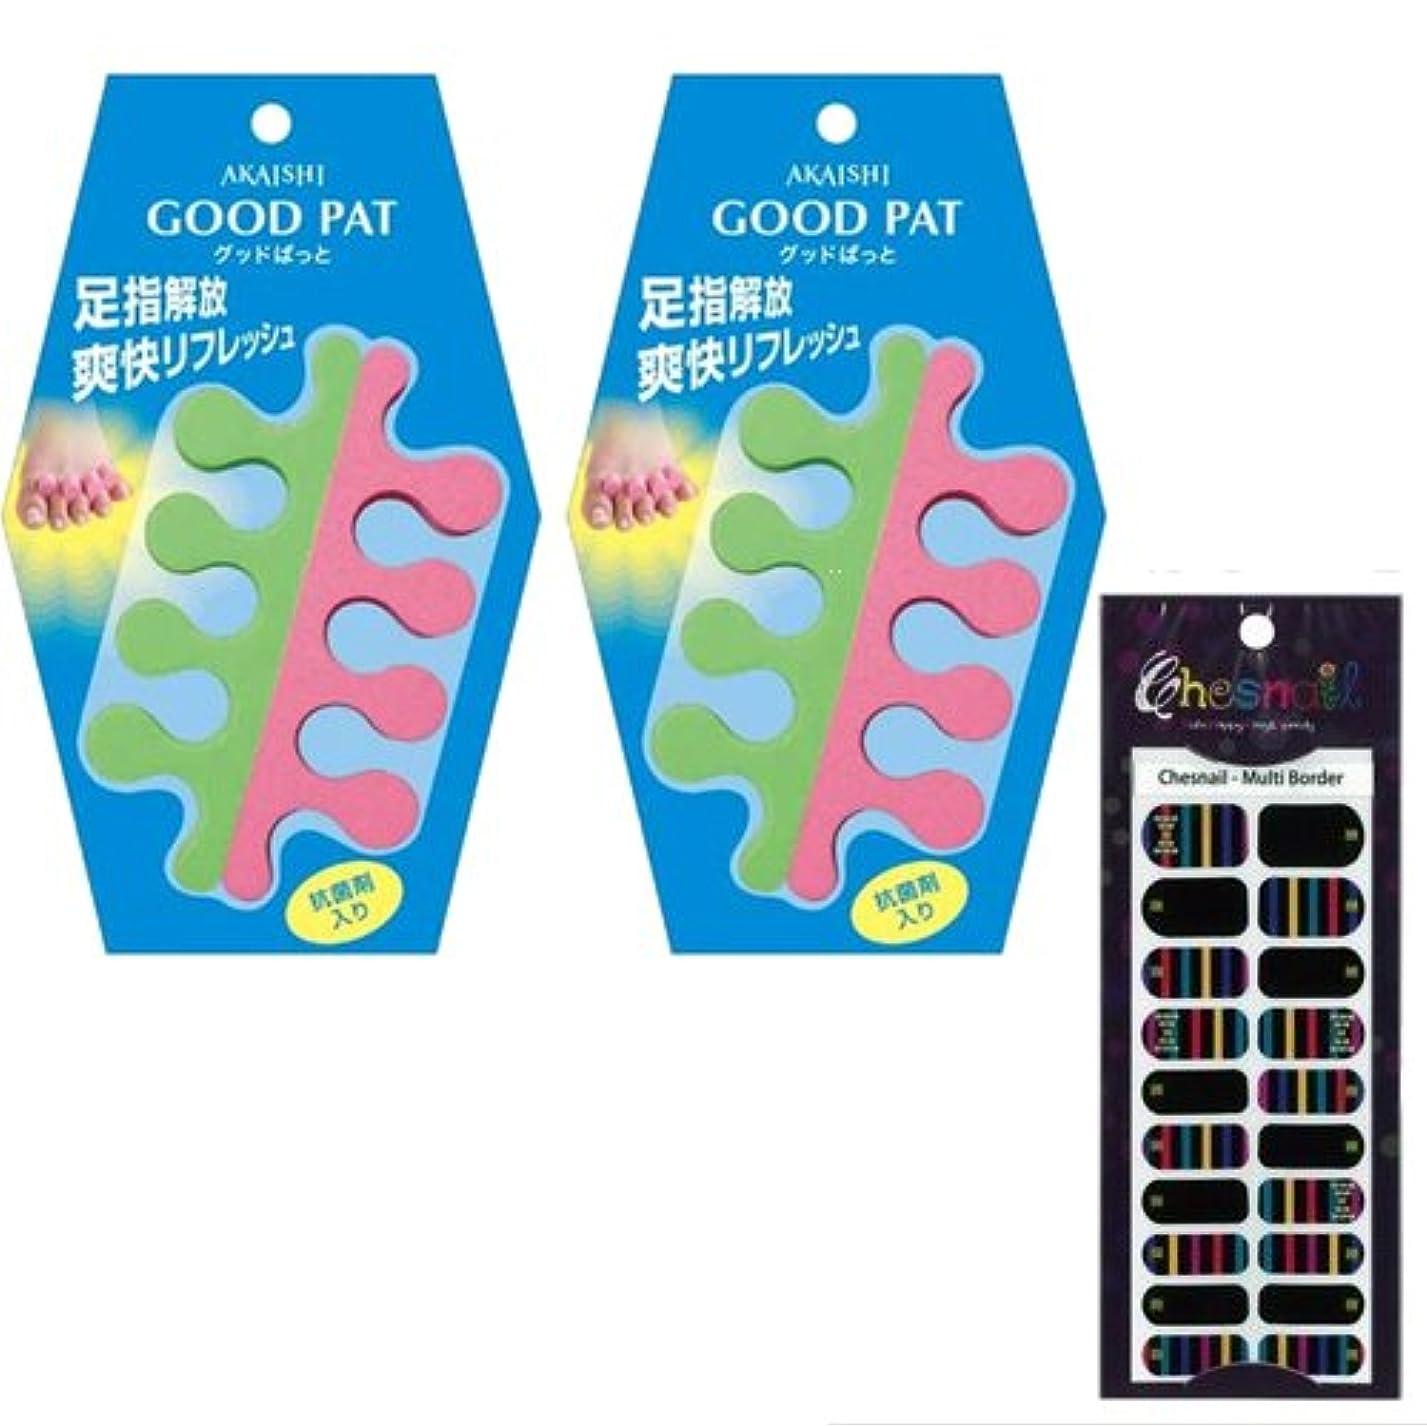 行進かき混ぜるデクリメントAKAISHI グットぱっと(GOOD PAT) x2個セット + チェスネイル(マルチボーダー)